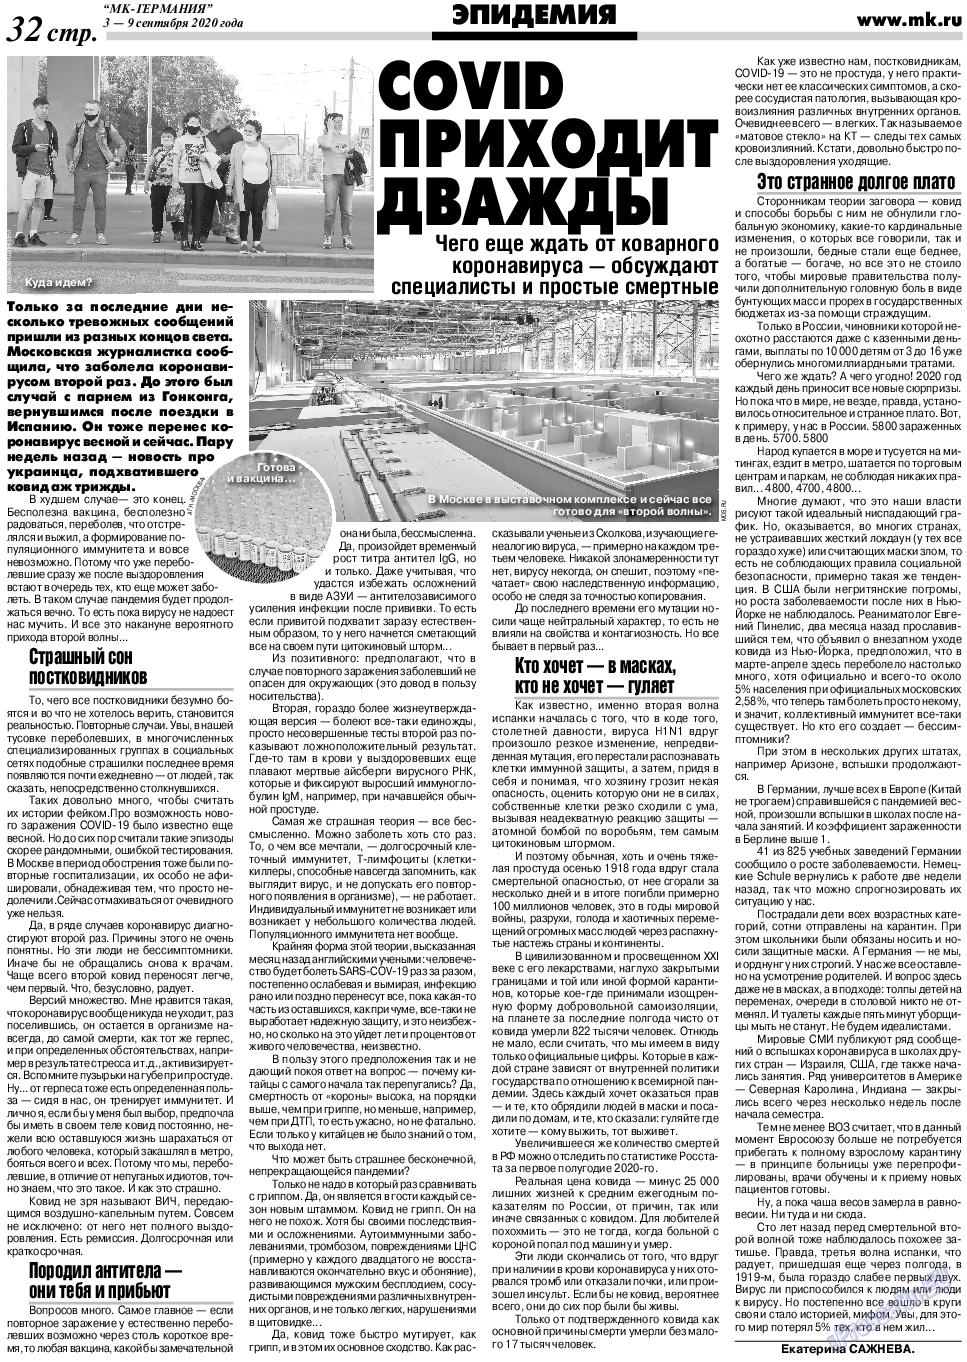 МК-Германия (газета). 2020 год, номер 36, стр. 32